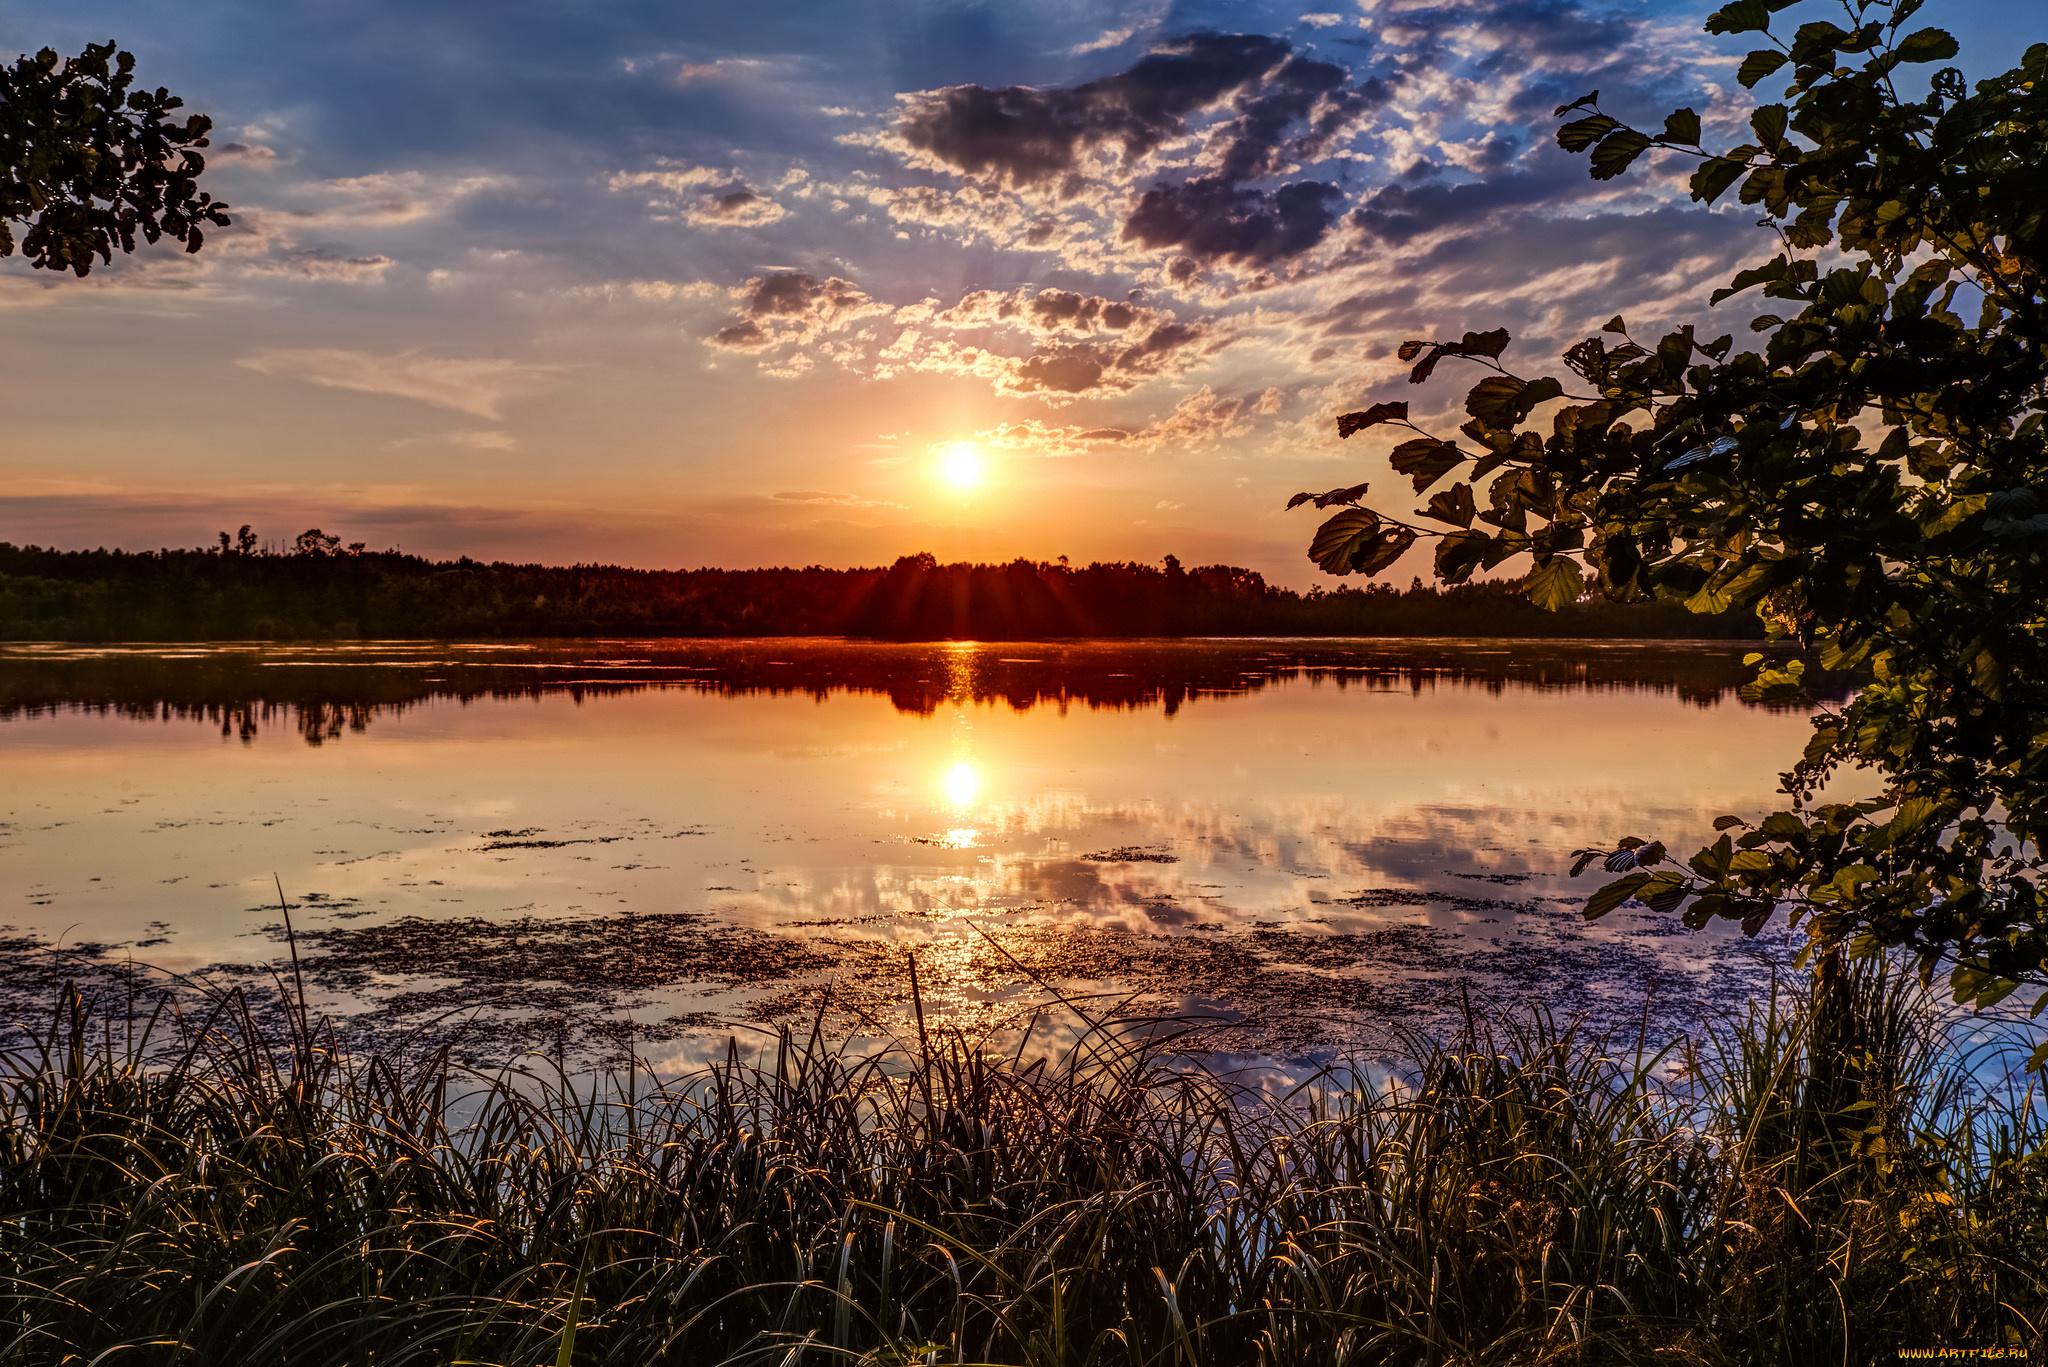 тетя, как фотографировать закаты и рассветы пример